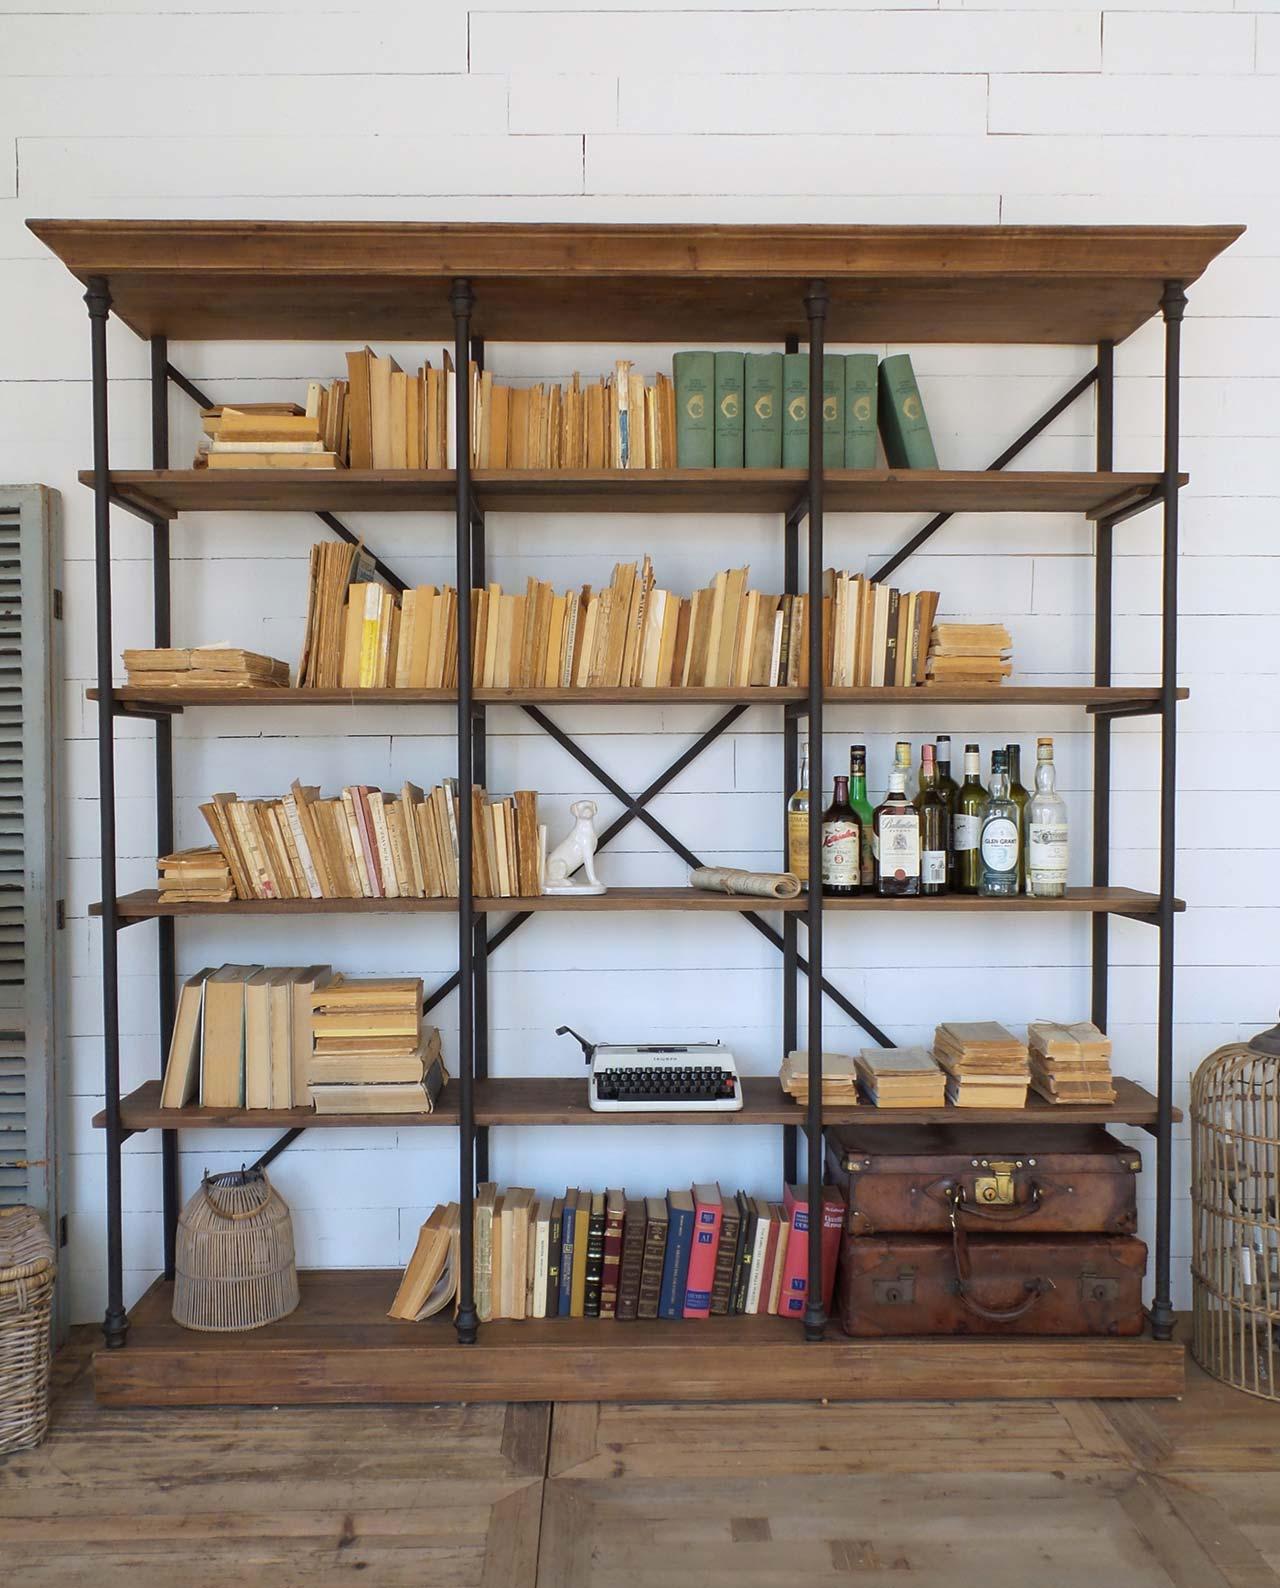 Vendita Librerie In Legno.Libreria Alta 5 Ripiani Legno E Ferro Effetto Ruggine Mobilia